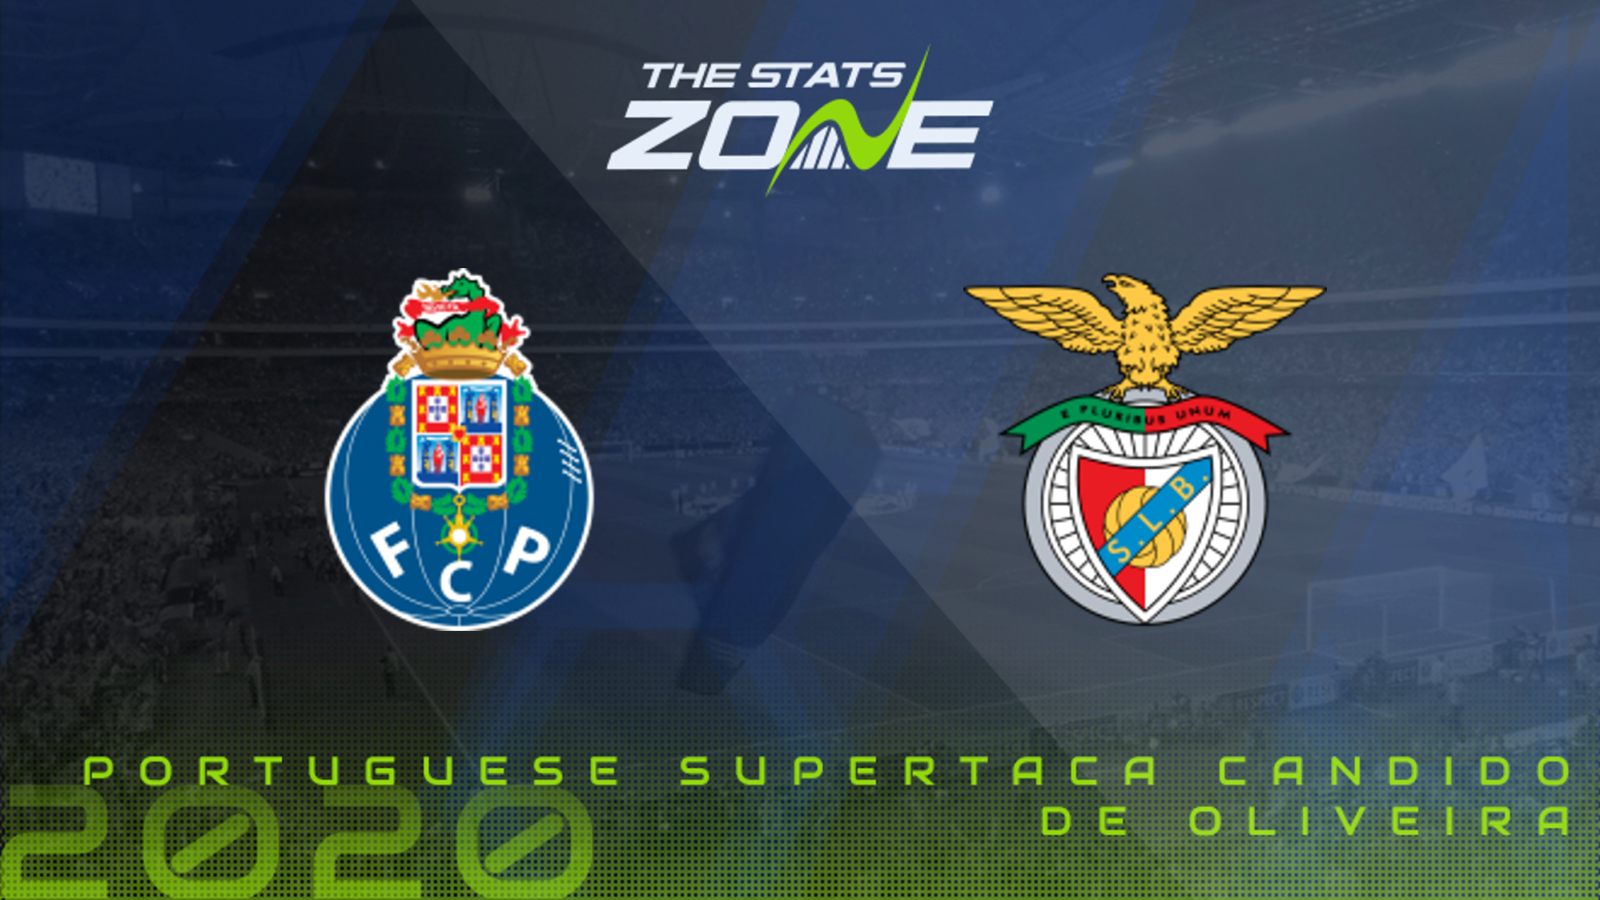 2020-21 Portuguese Super Cup - FC Porto vs Benfica Preview & Prediction - The Stats Zone